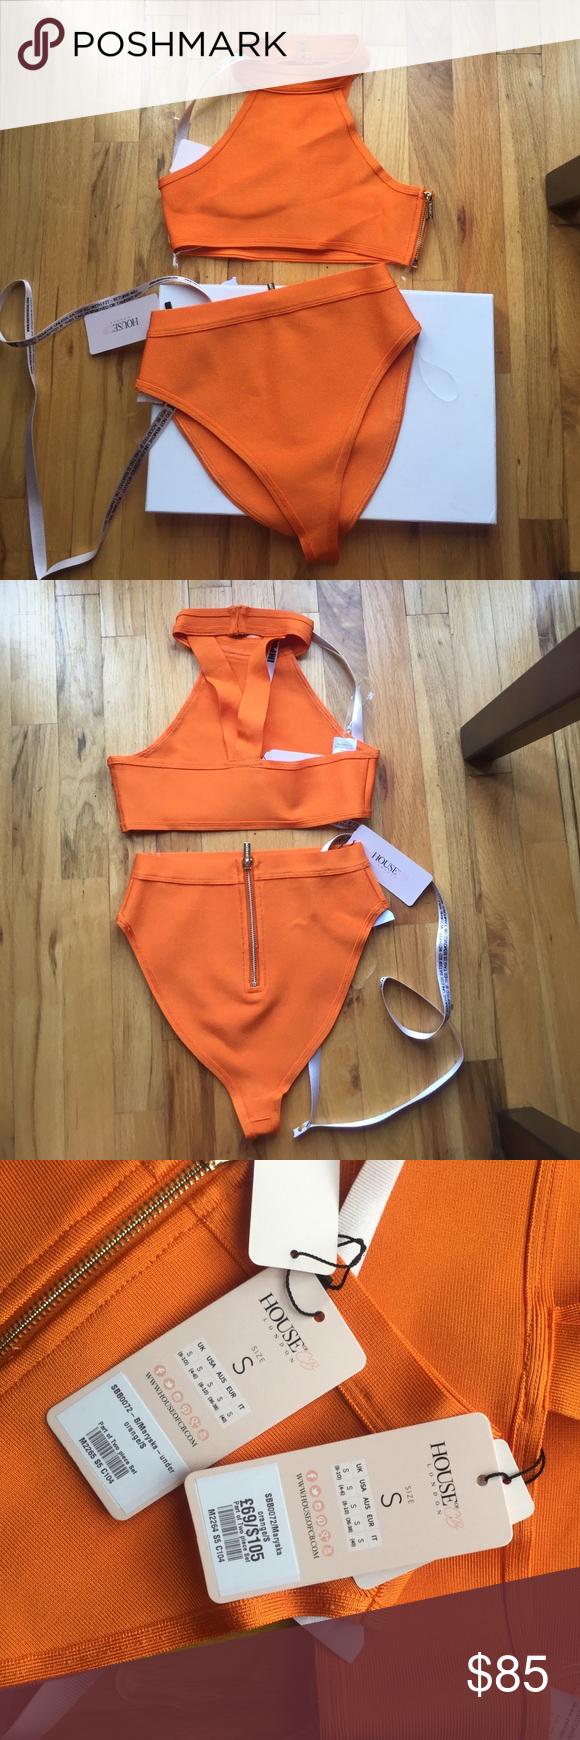 44041b331ae Spotted while shopping on Poshmark: NWT House of CB bandage swim suit!!  #poshmark #fashion #shopping #style #house of CB #Other